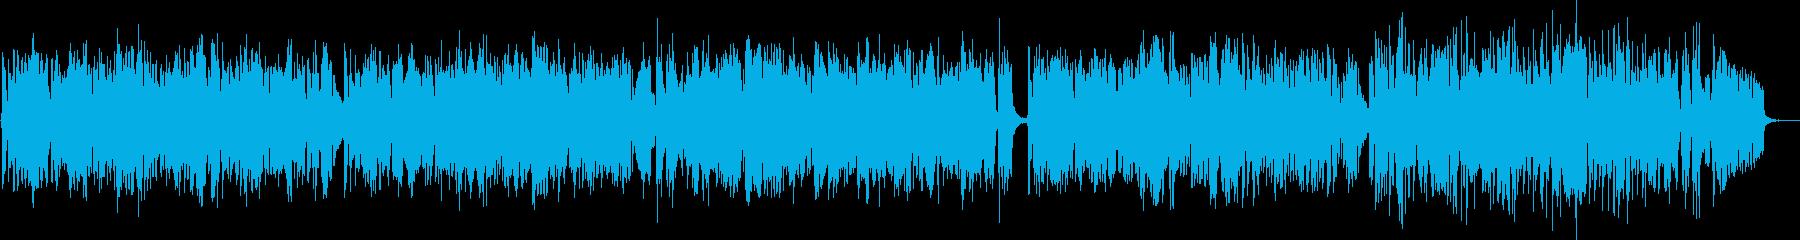 フルートとピアノのかわいいボサノバの再生済みの波形